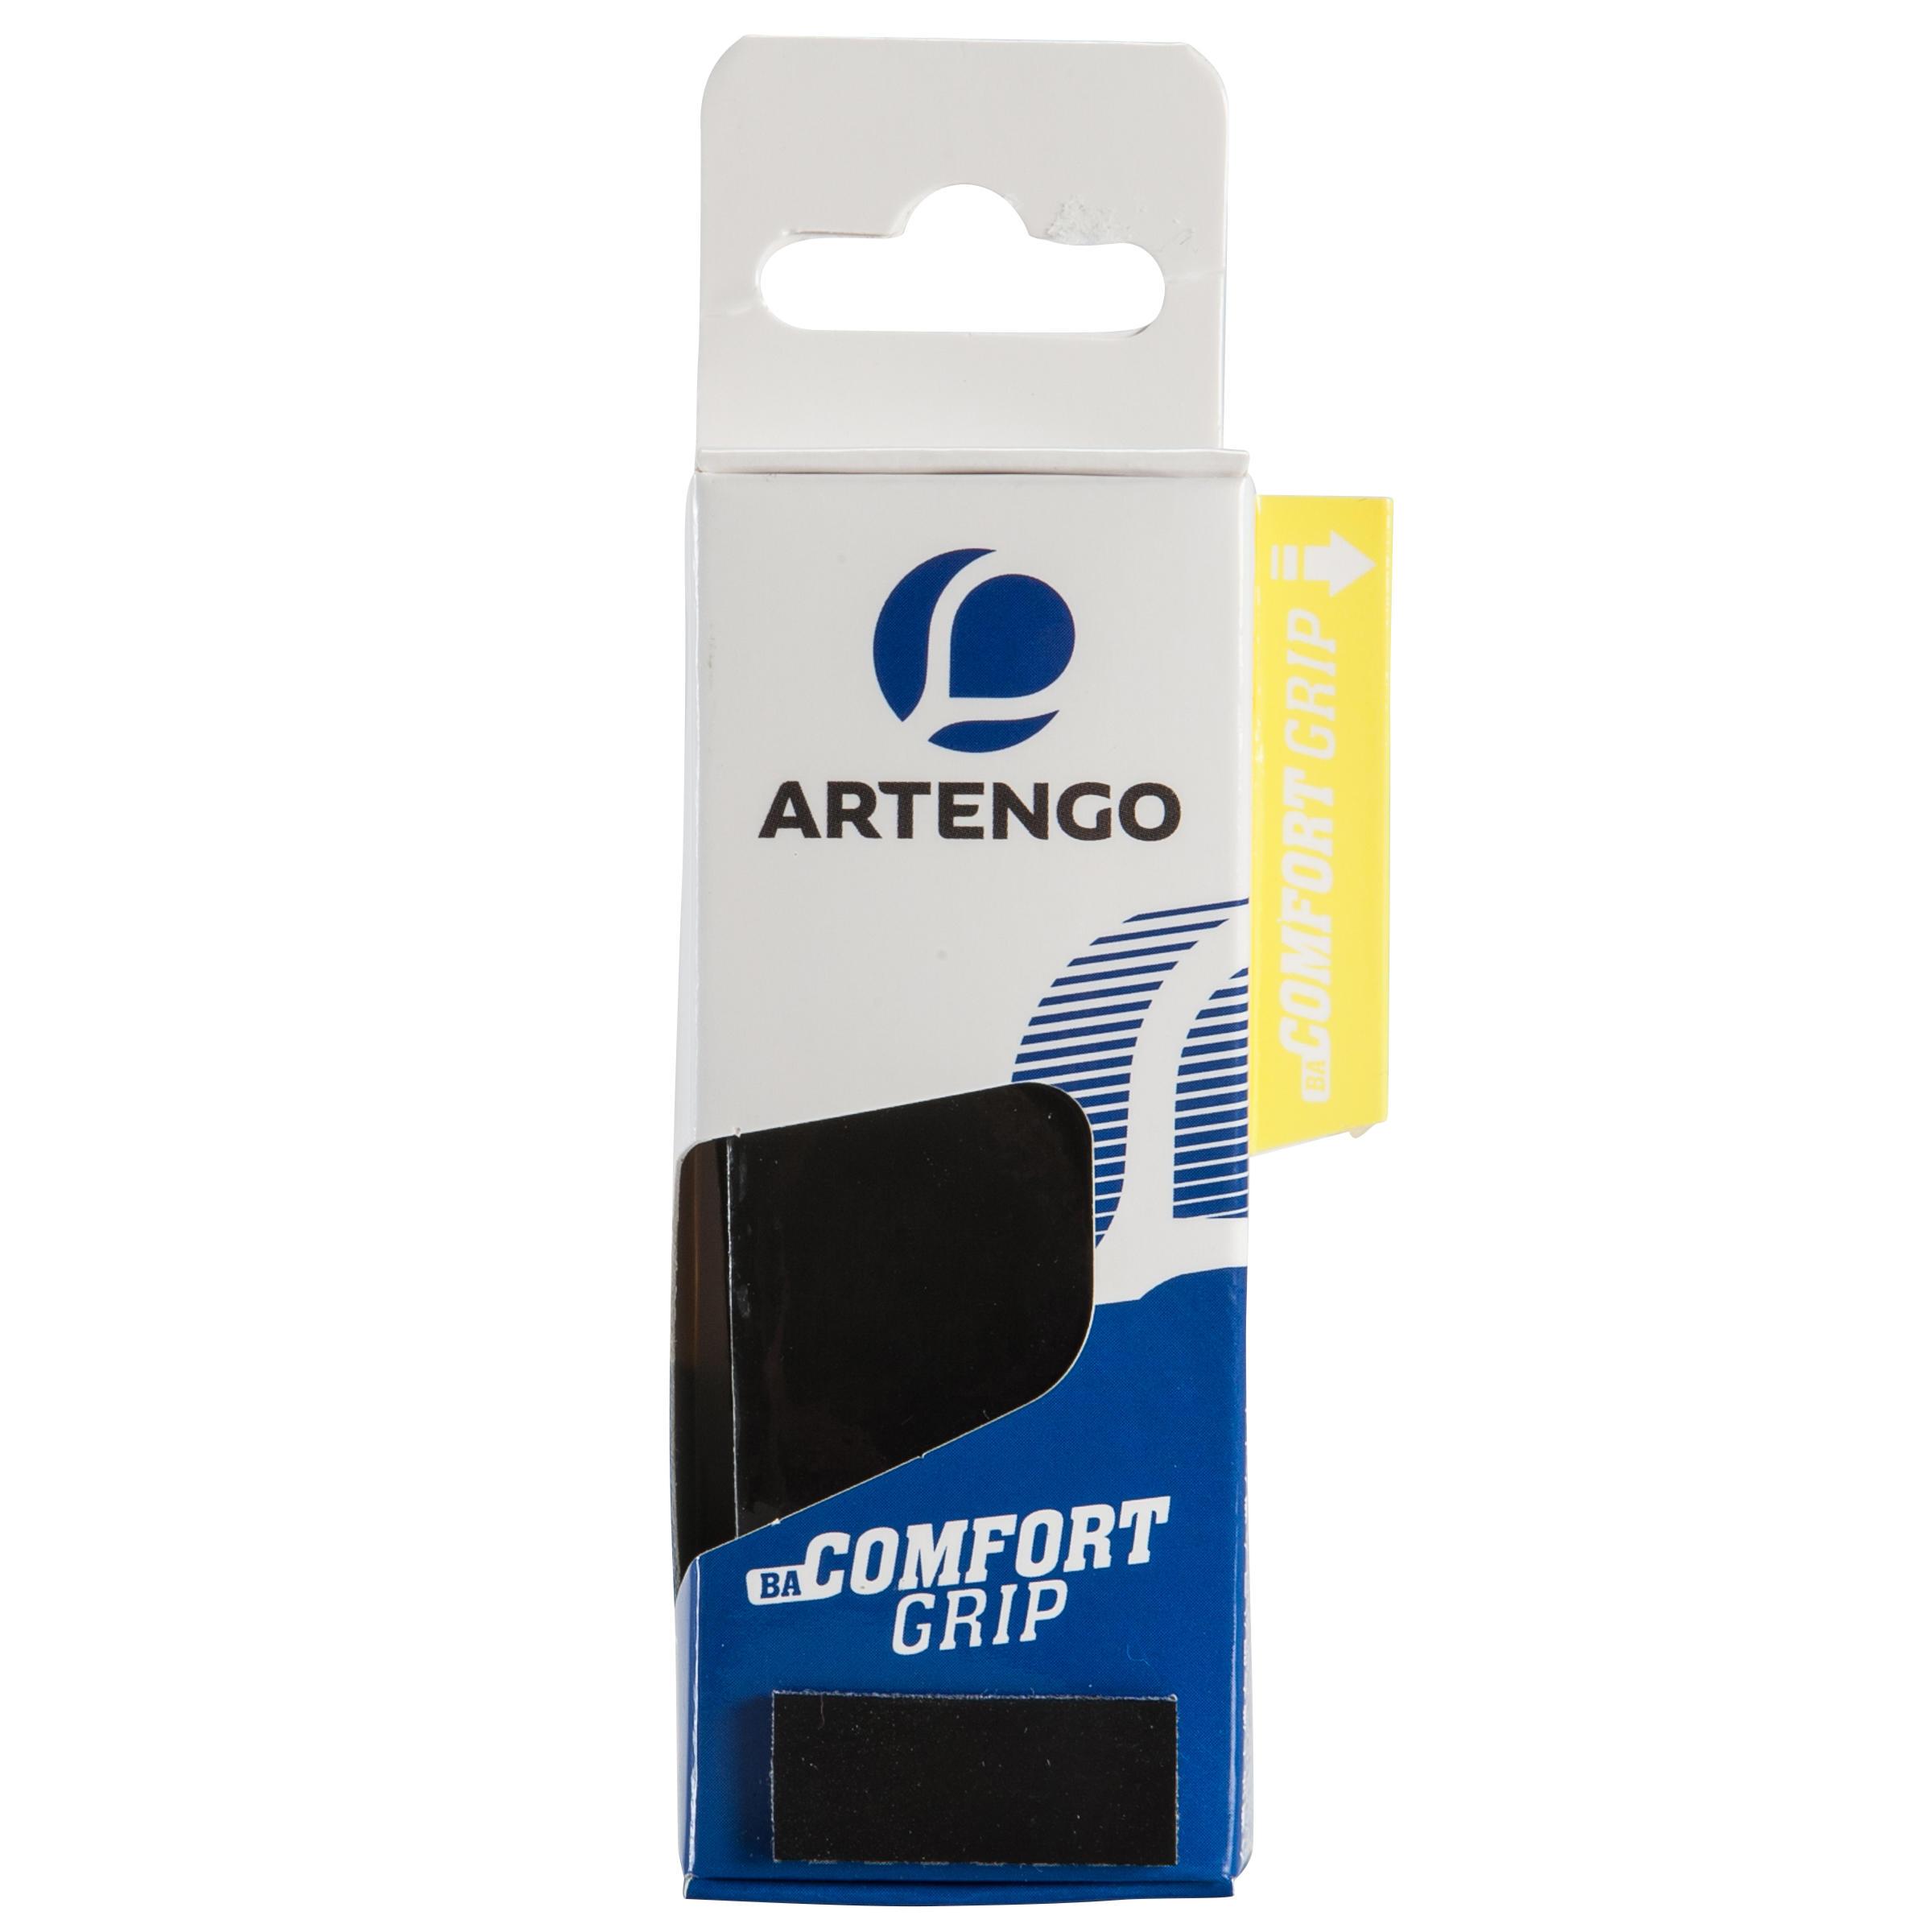 Artengo Badminton grip Comfort Grip zwart 1 stuk